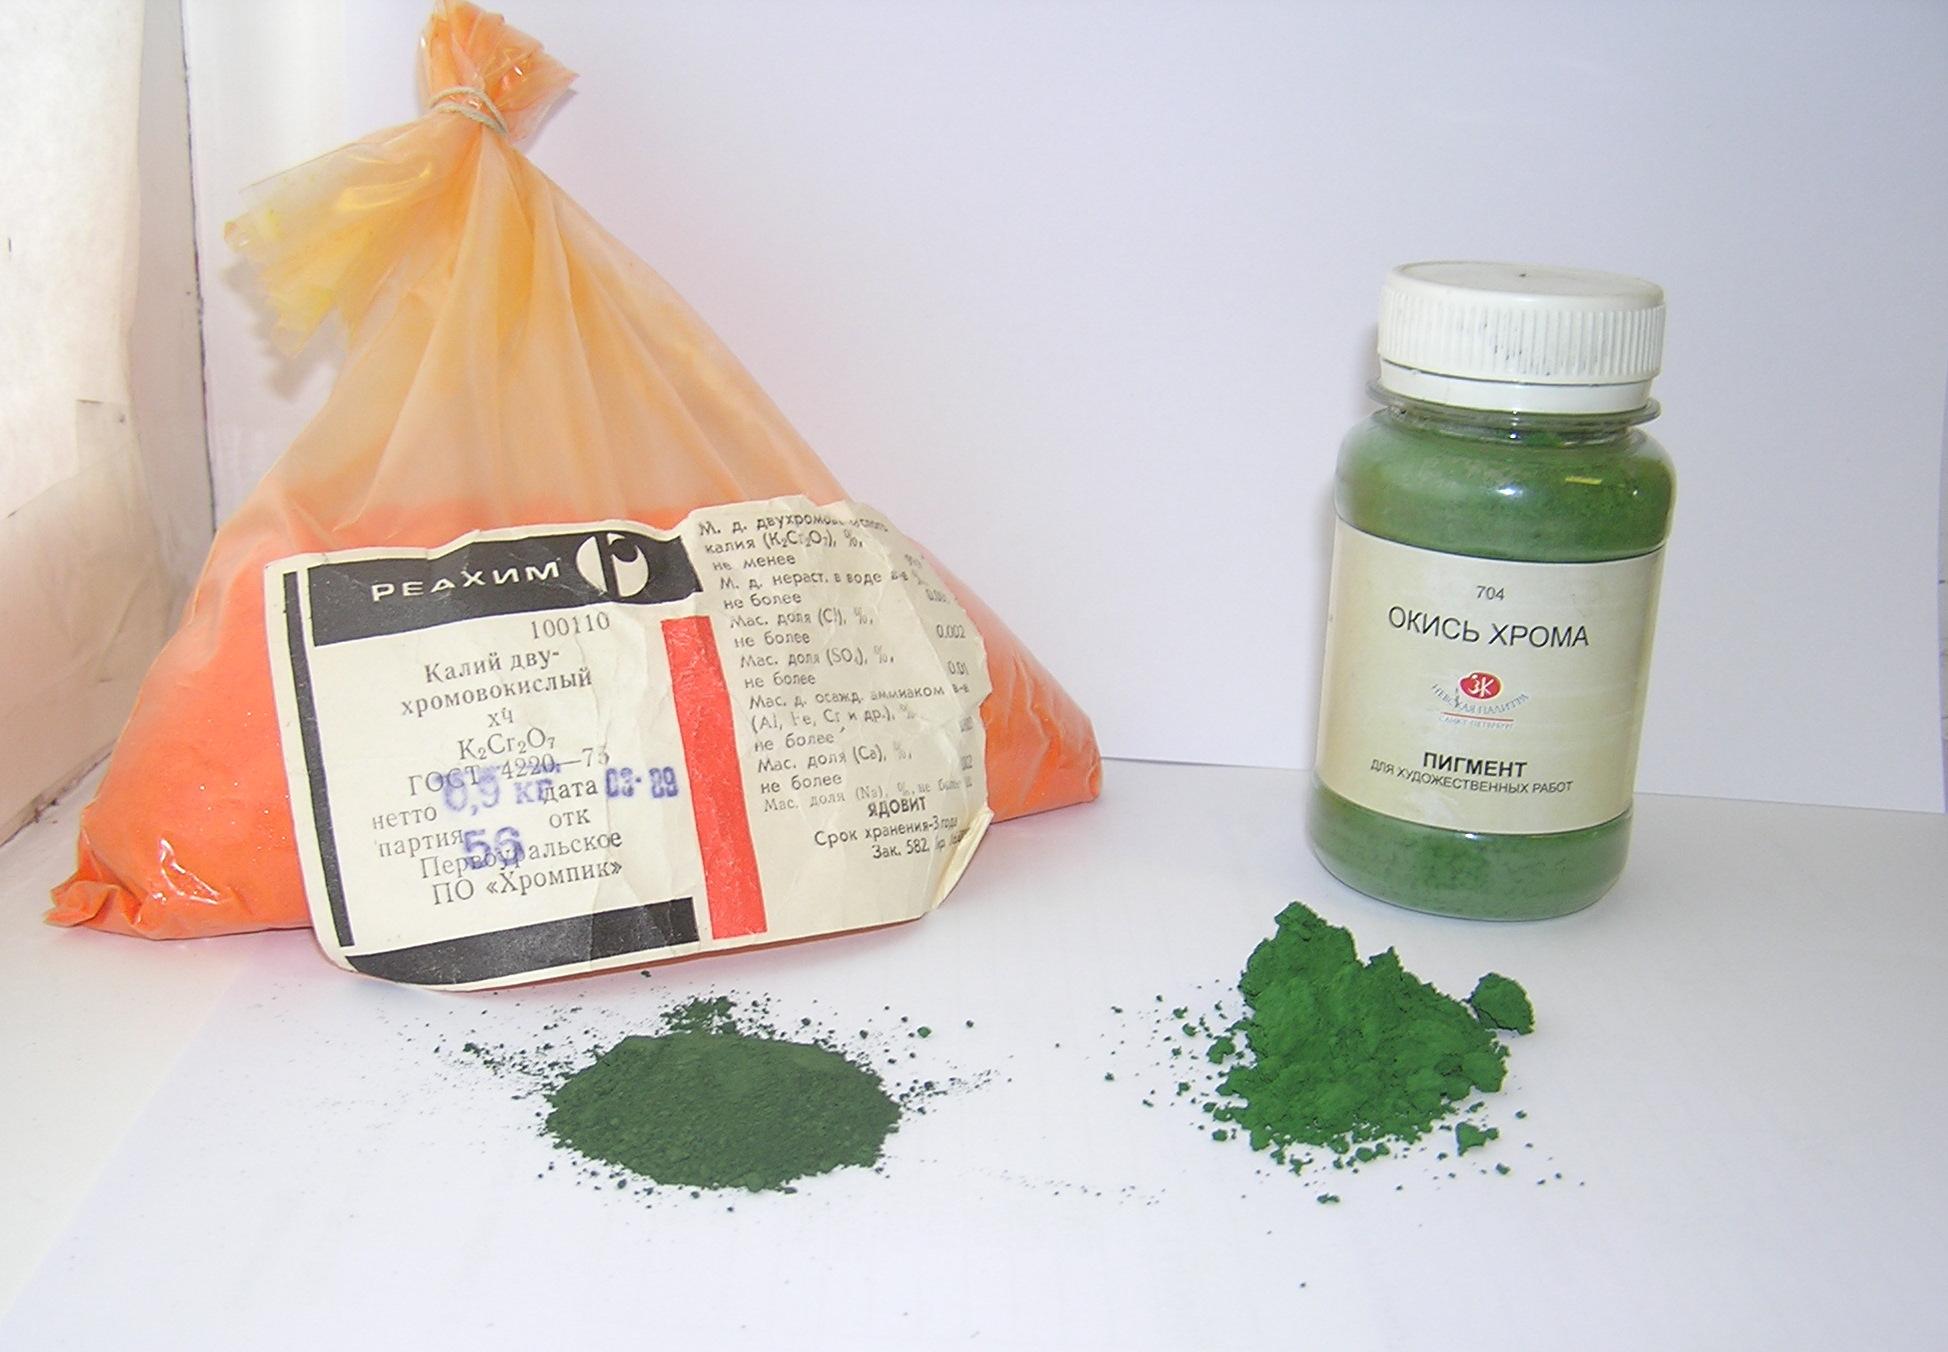 Слева - бихромат калия и полученный из него